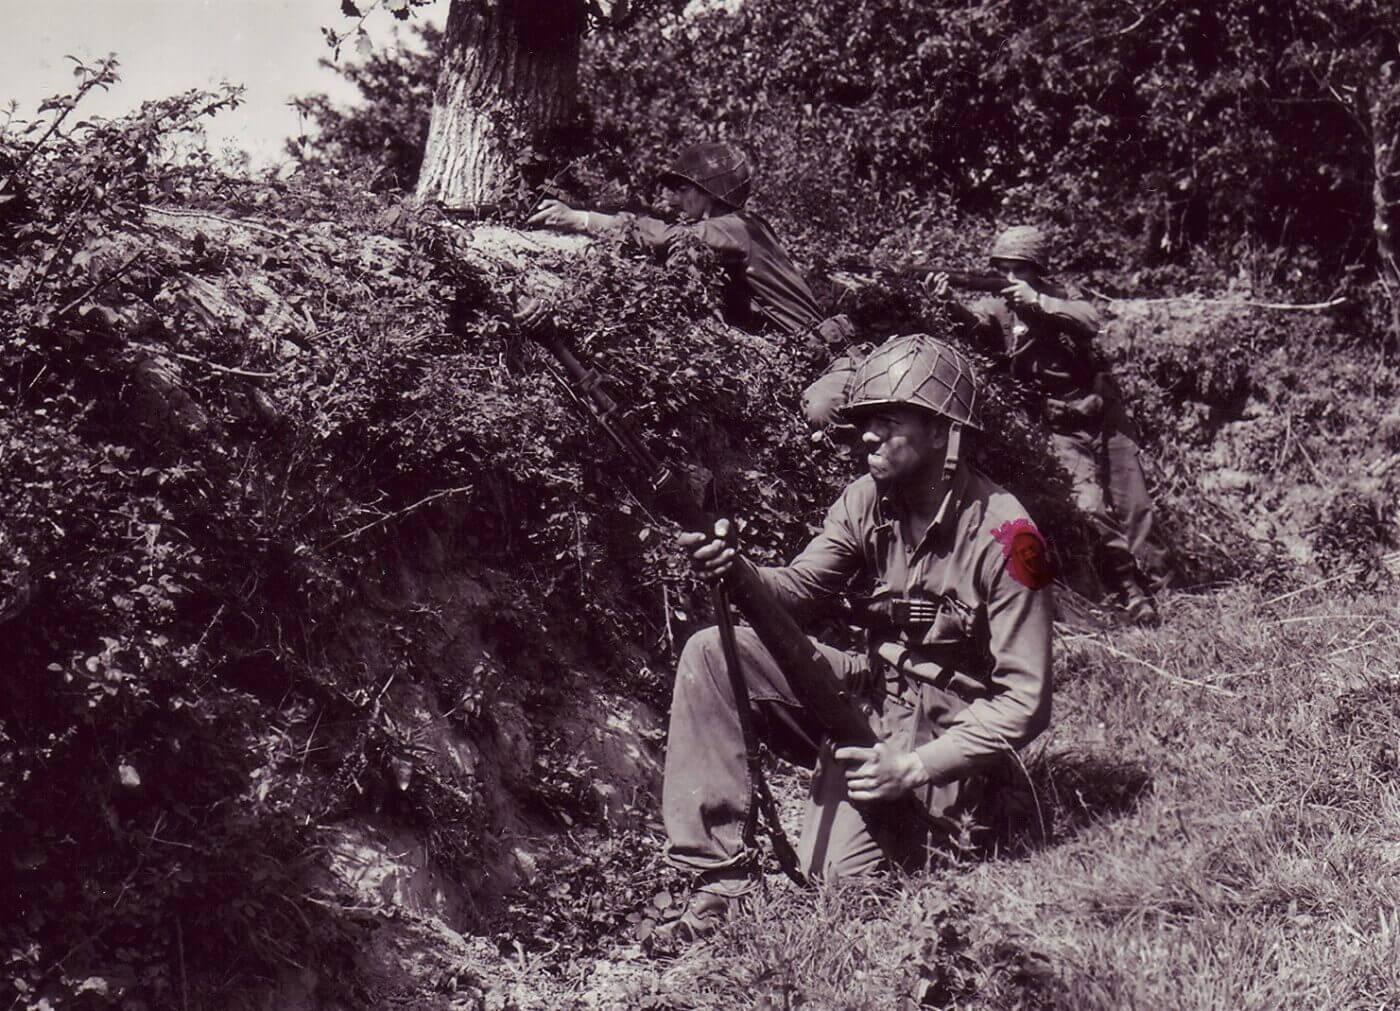 M1 grenade launcher in Normandy